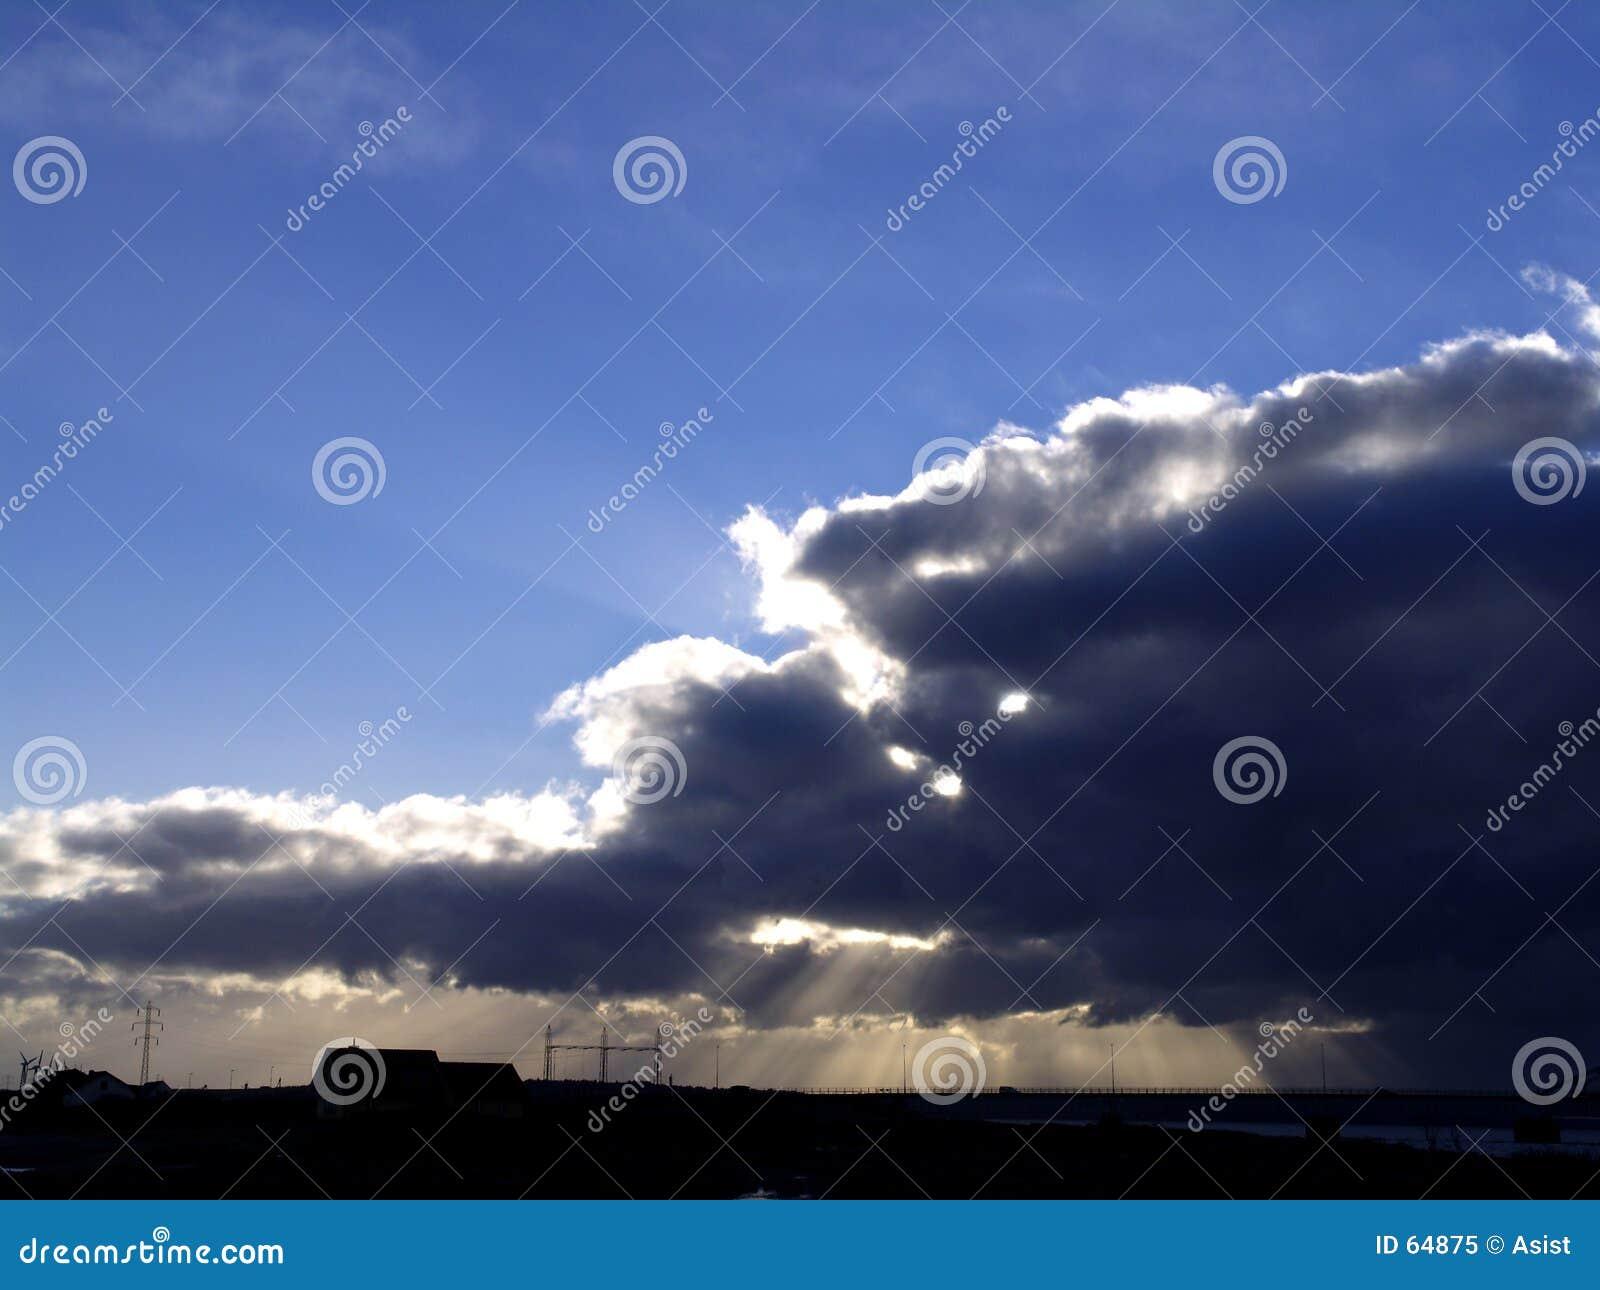 Download Rayon de soleil image stock. Image du storm, ciel, cieux - 64875